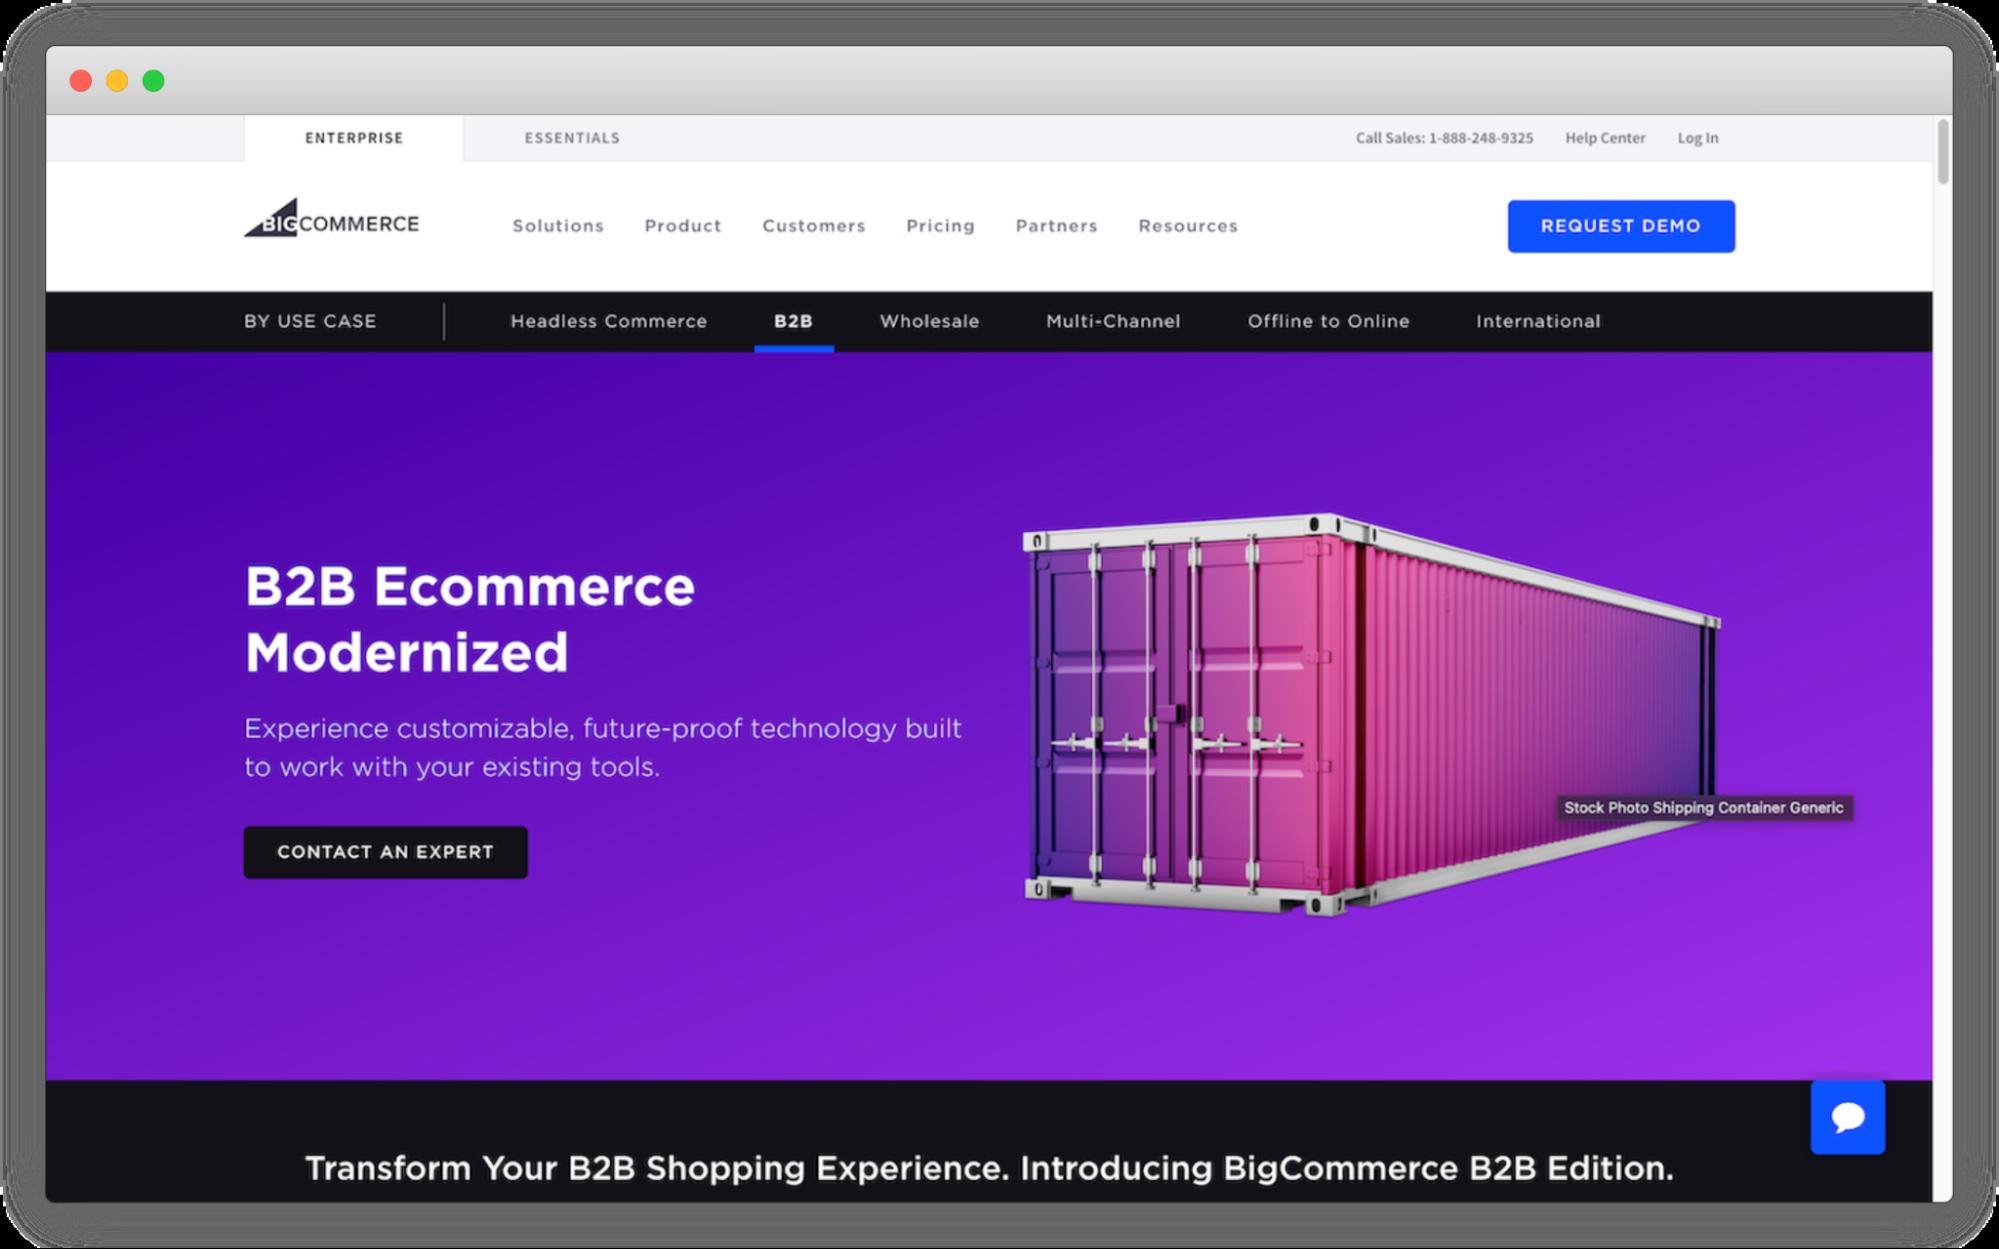 bigcommerce-b2b-ecommerce-platform